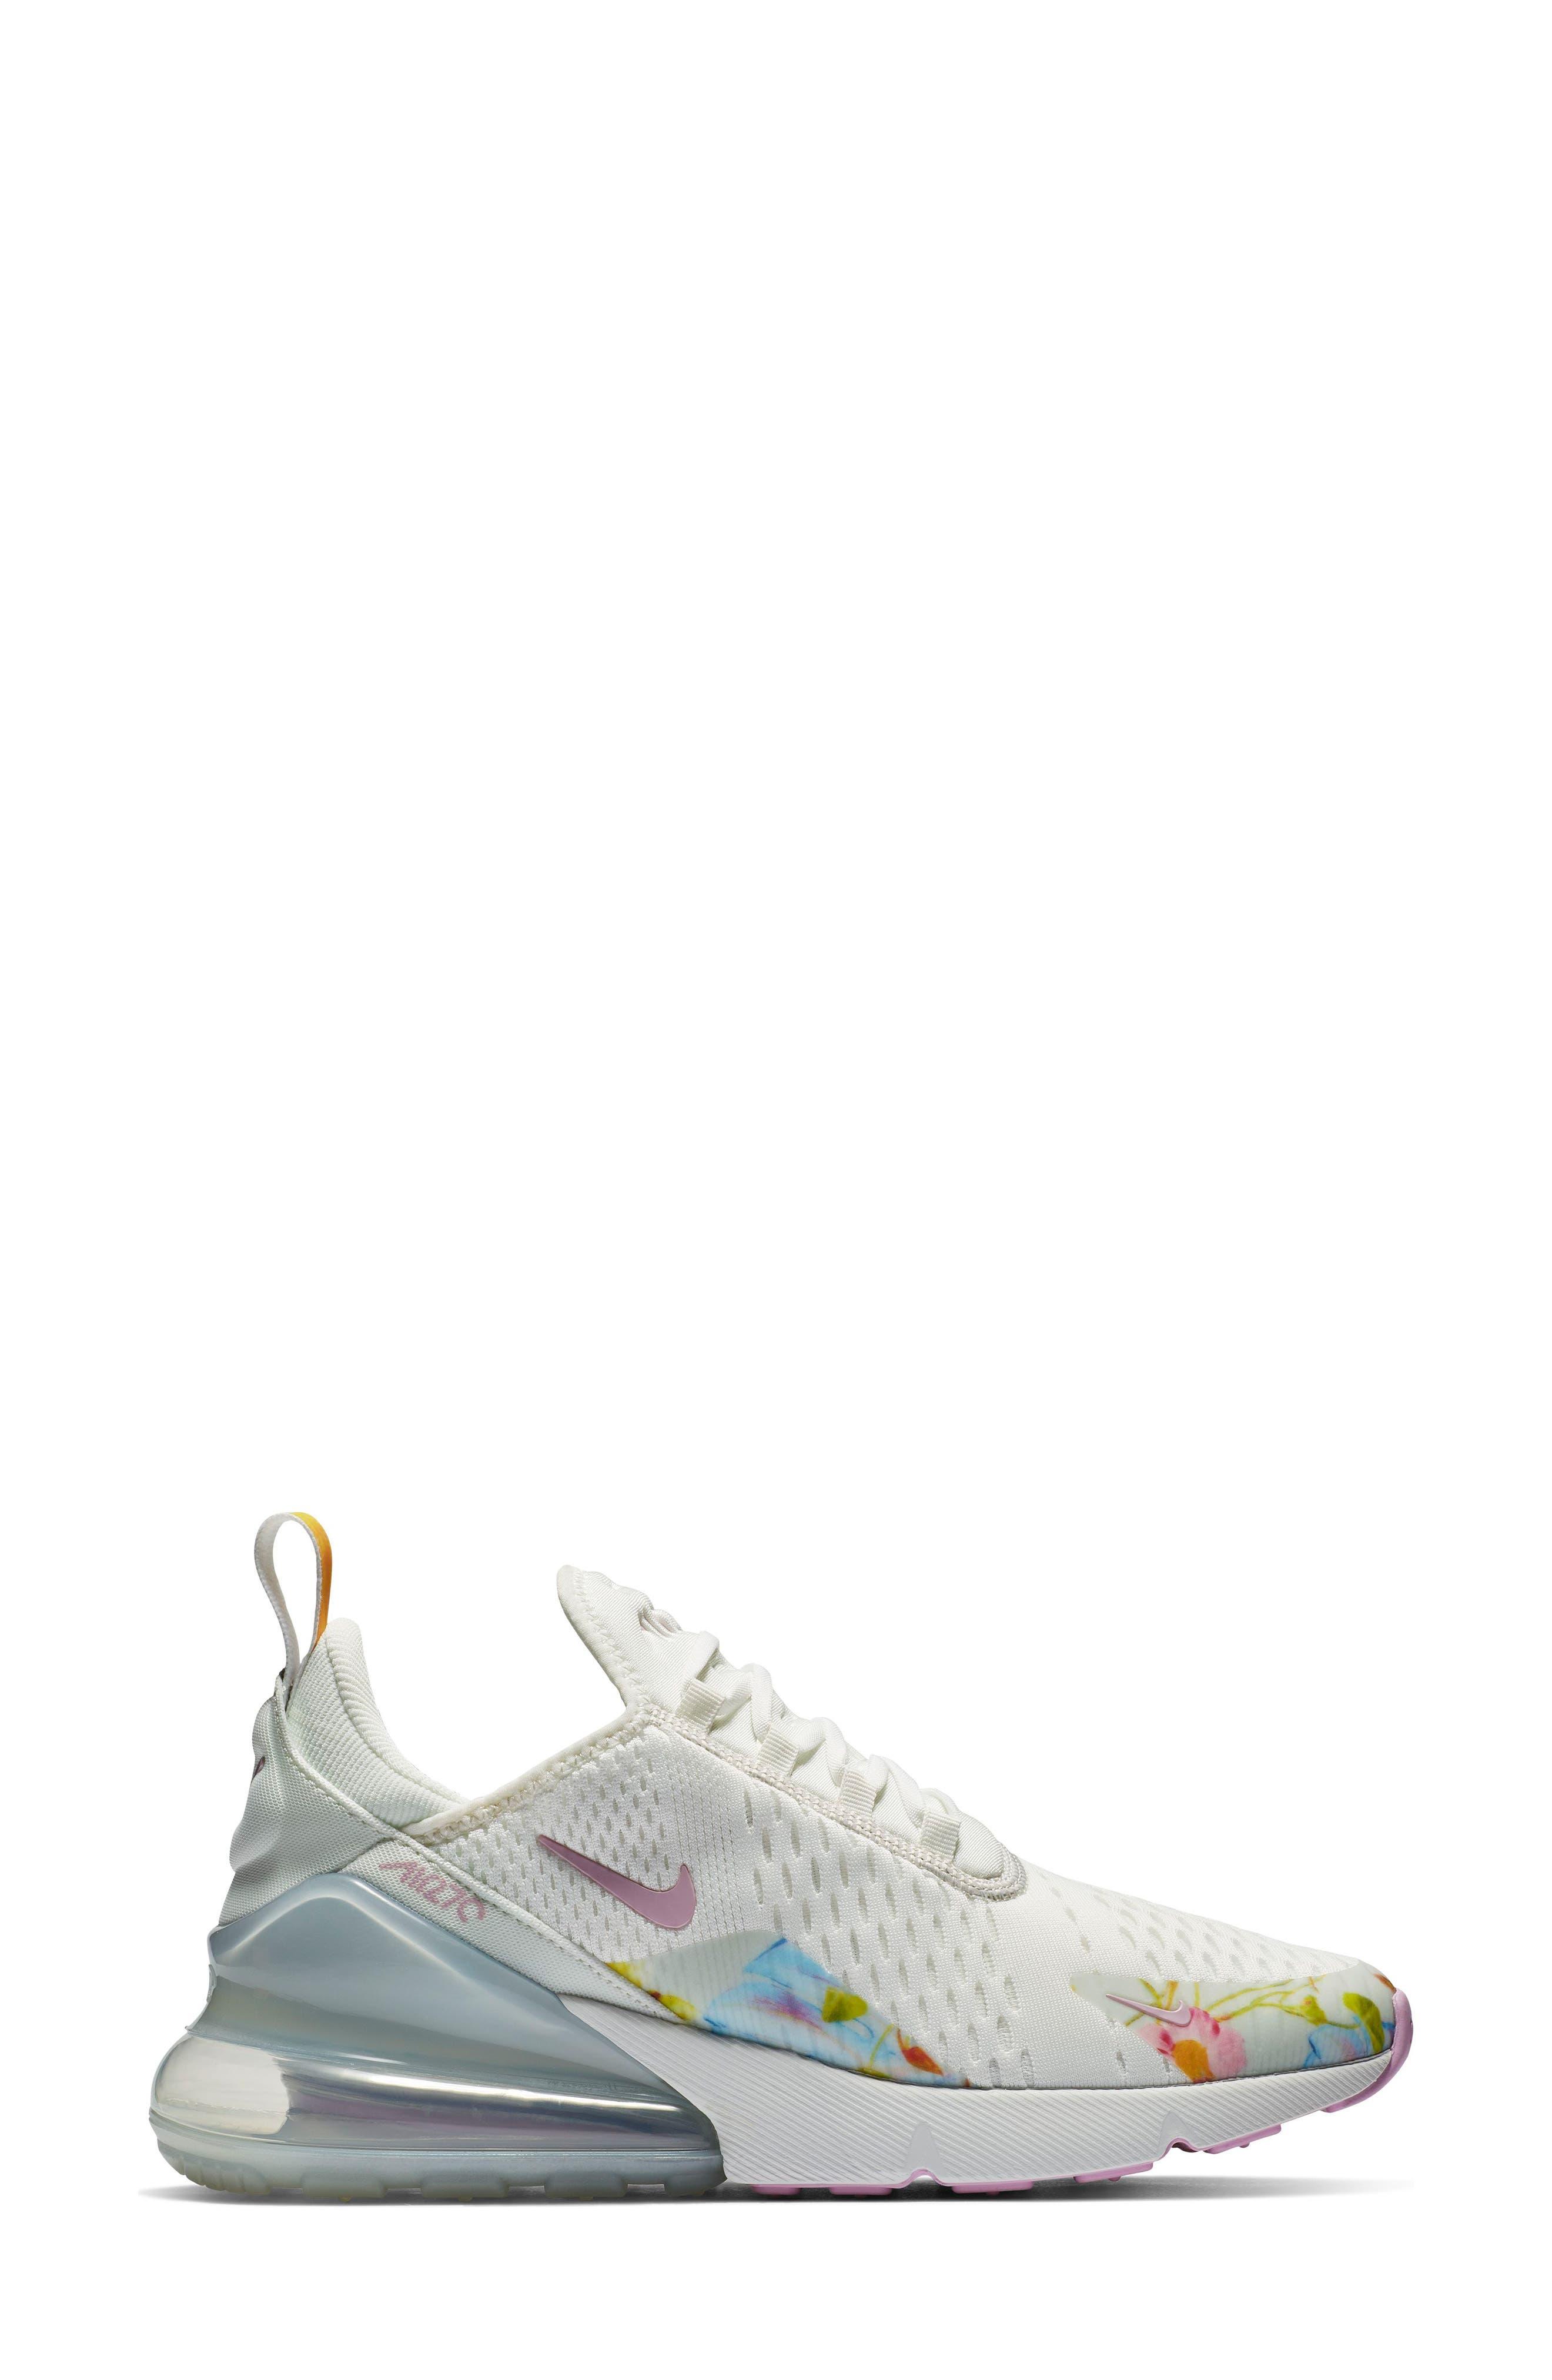 Air Max 270 Premium Sneaker,                             Alternate thumbnail 3, color,                             100